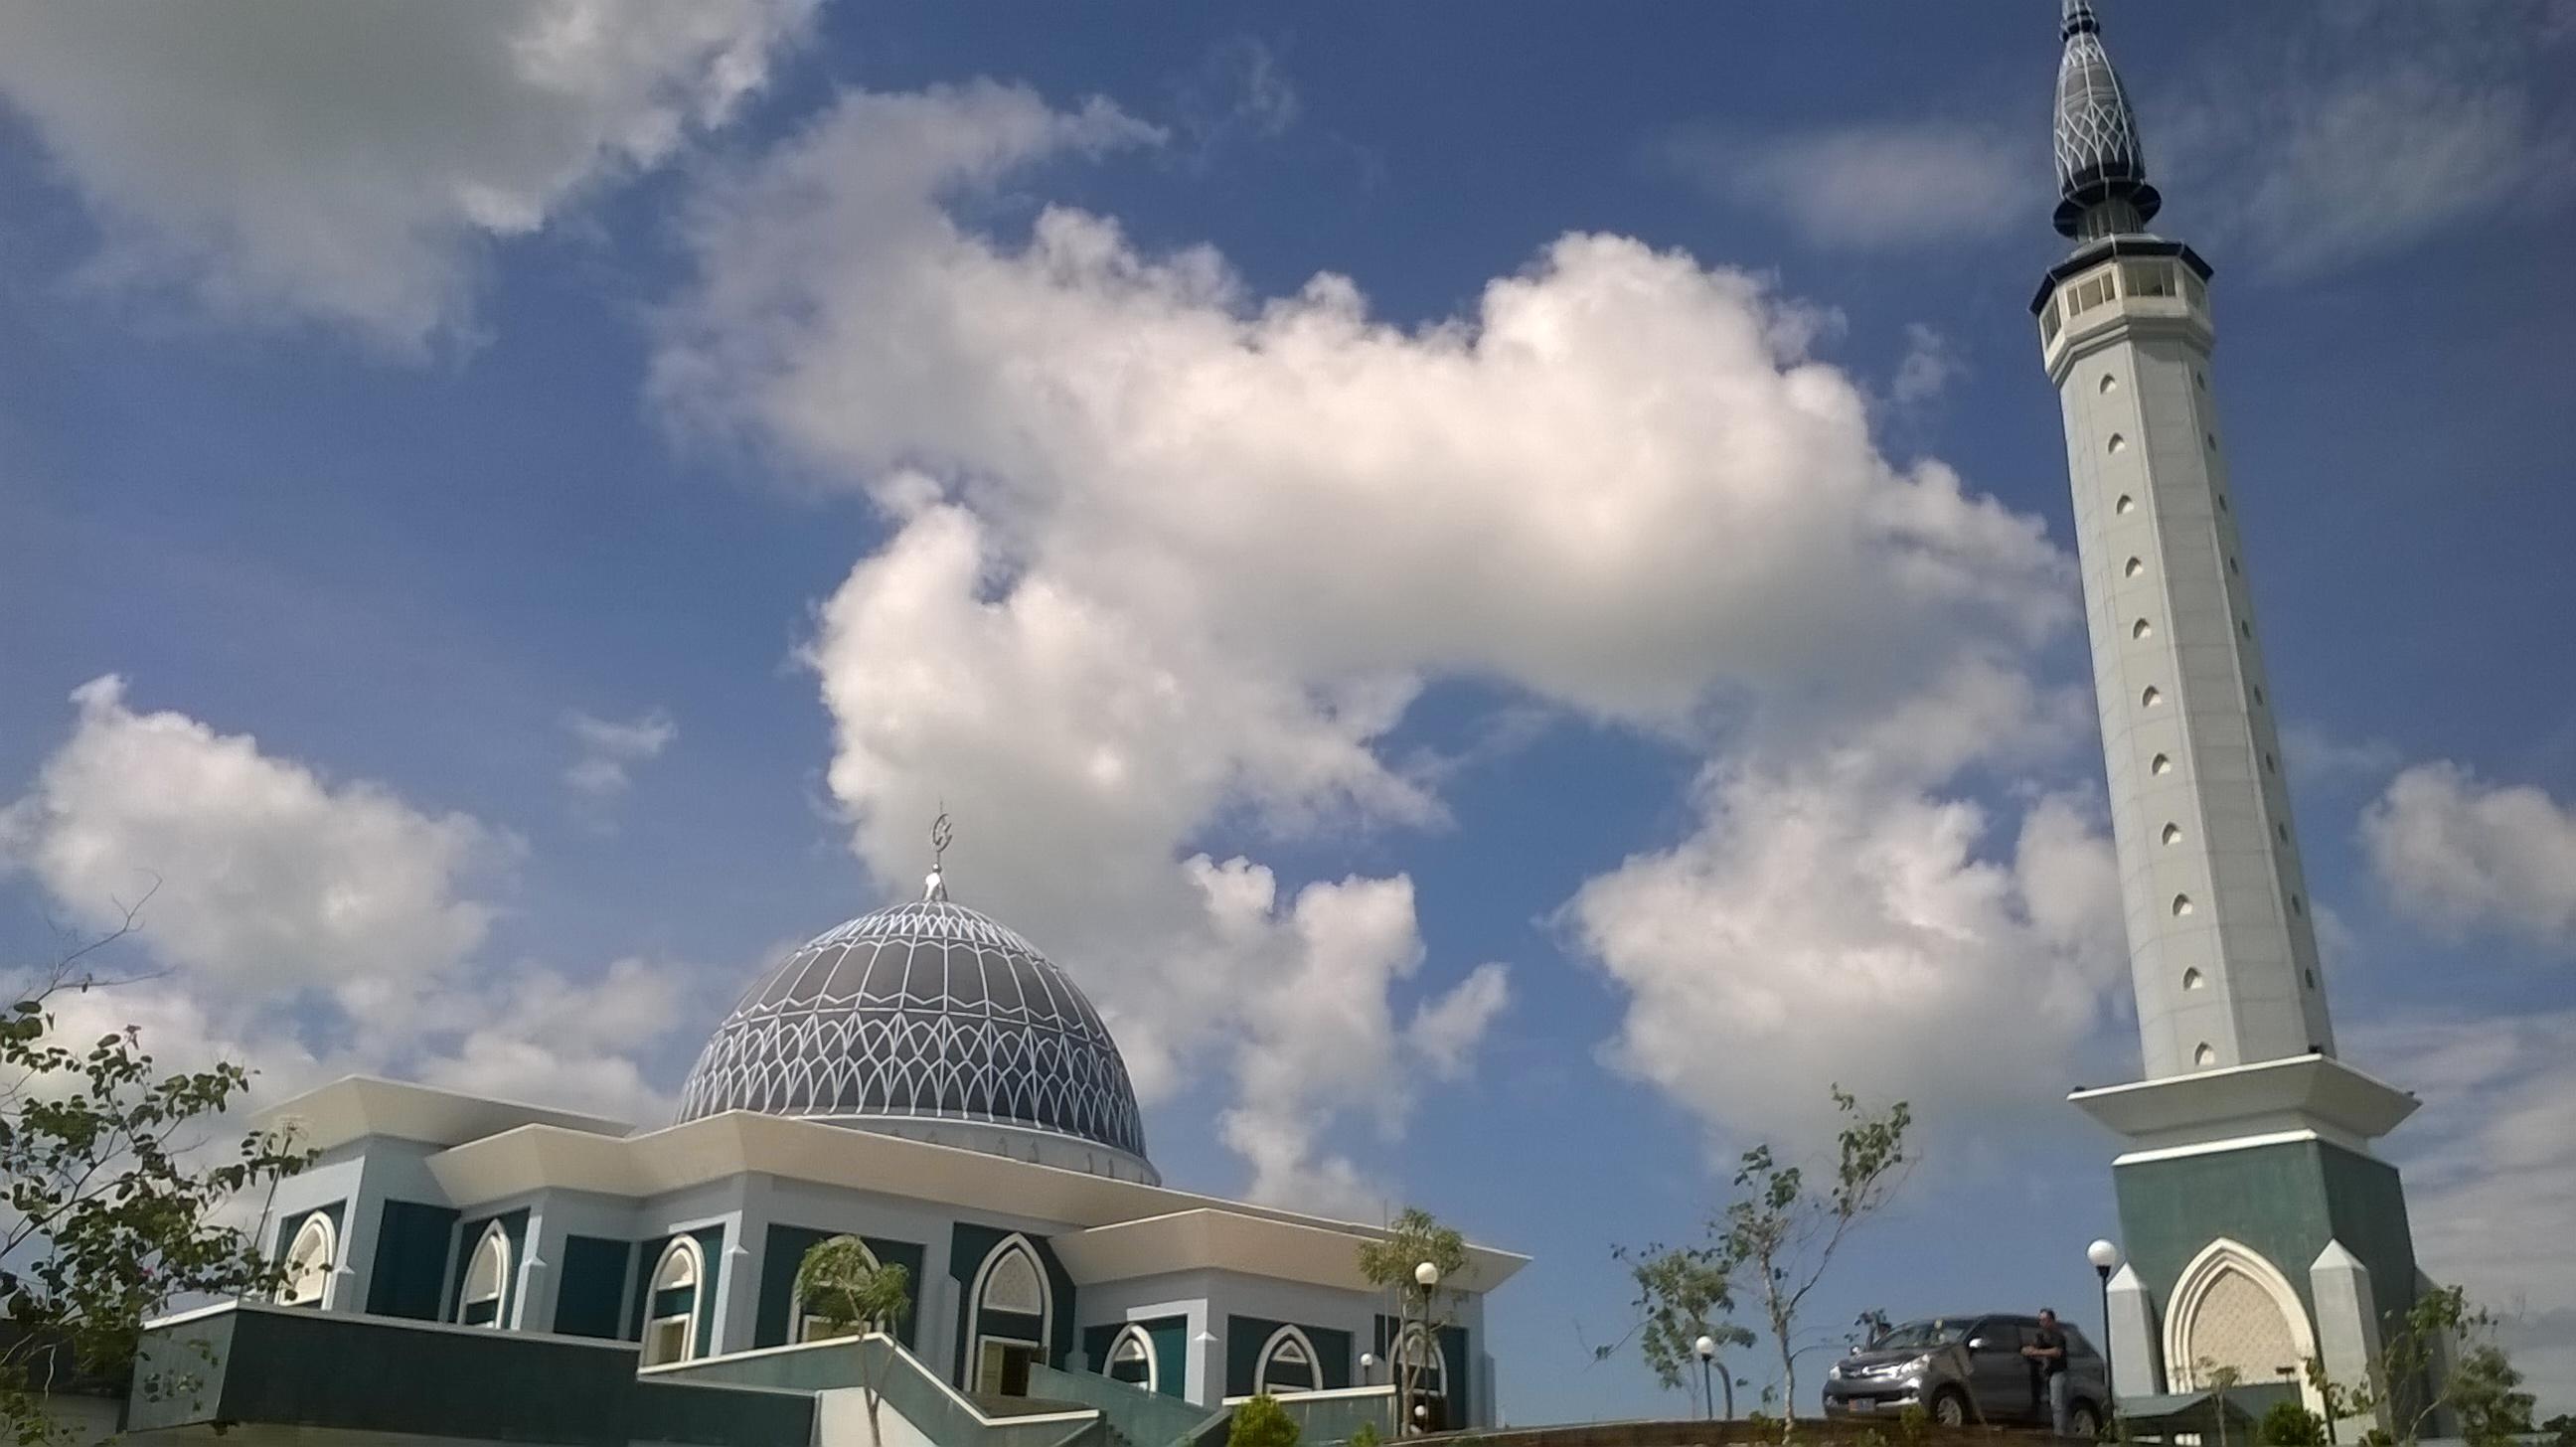 Spot Wisata Murah Meriah Kepulauan Riau Masjid Raya Dompak Kota